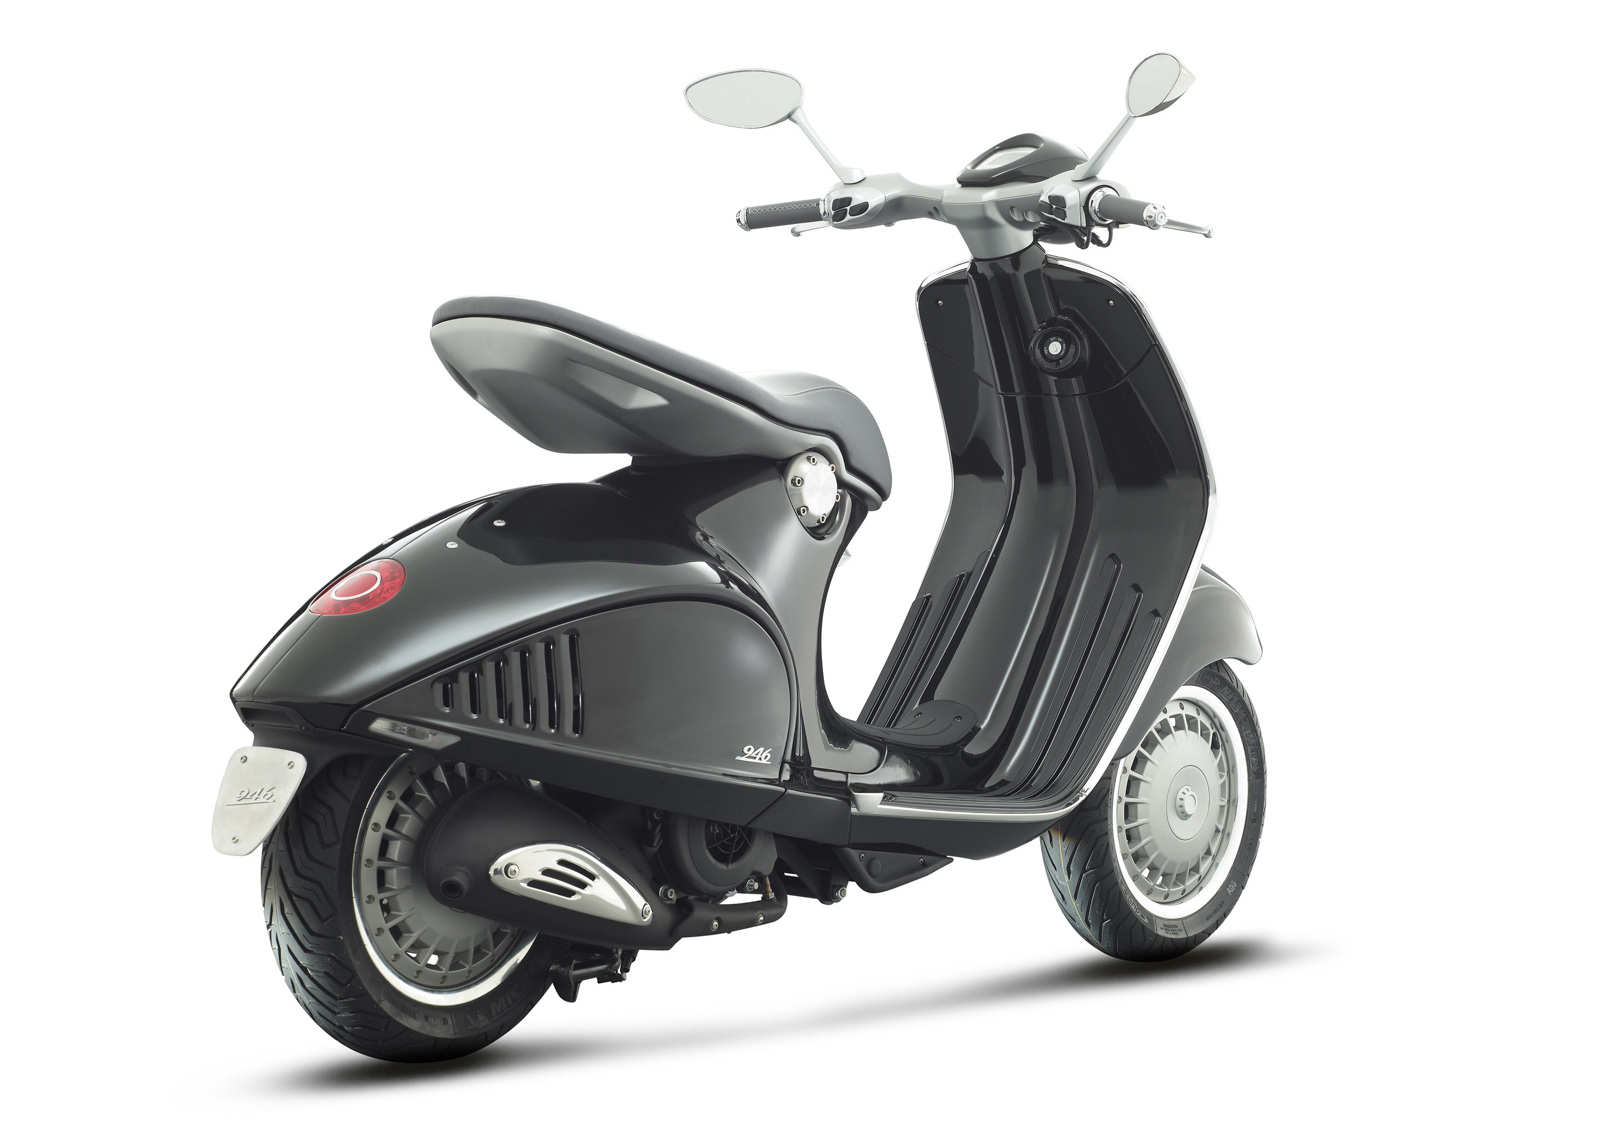 gallery.lkautomart: 2013 Piaggio Vespa 946 Automatic Scooter.